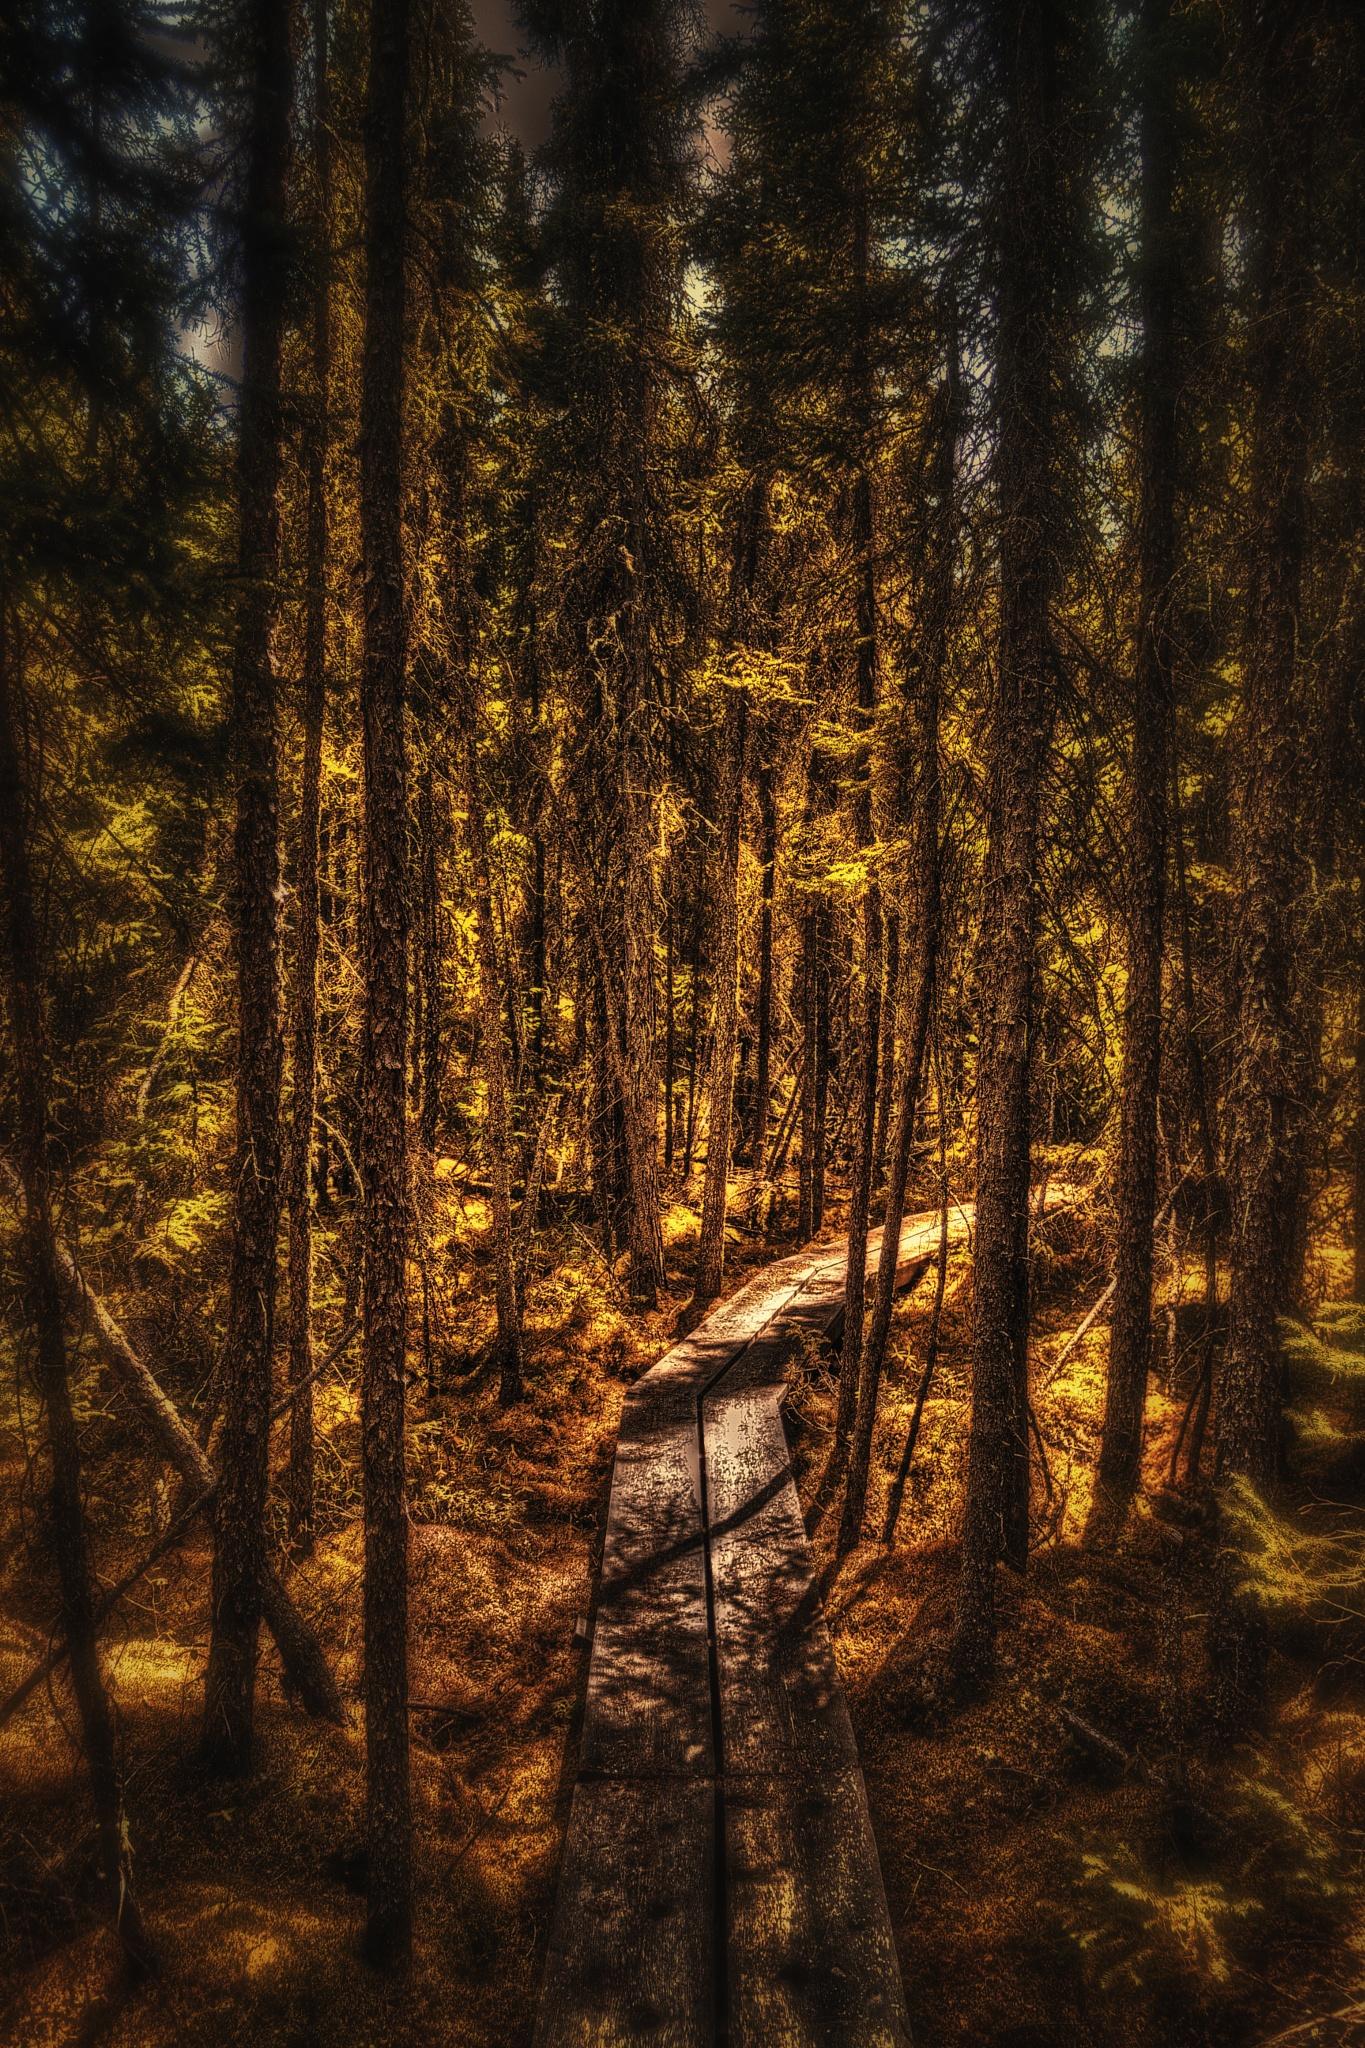 The Path Less Taken by Scott Hryciuk